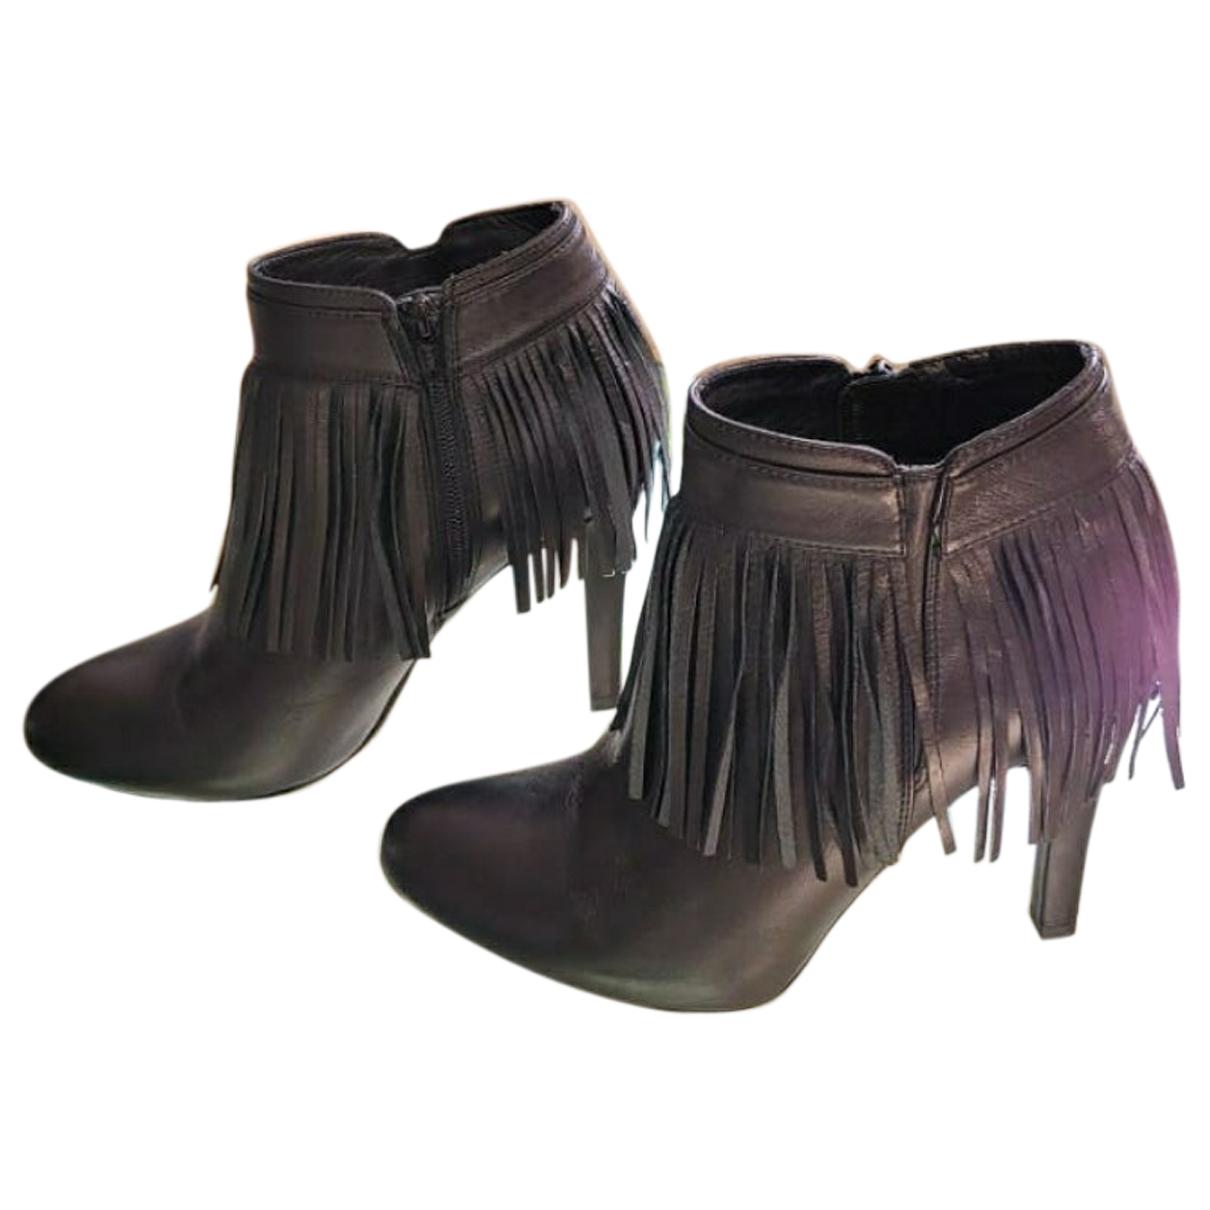 Unisa - Boots   pour femme en fourrure - noir